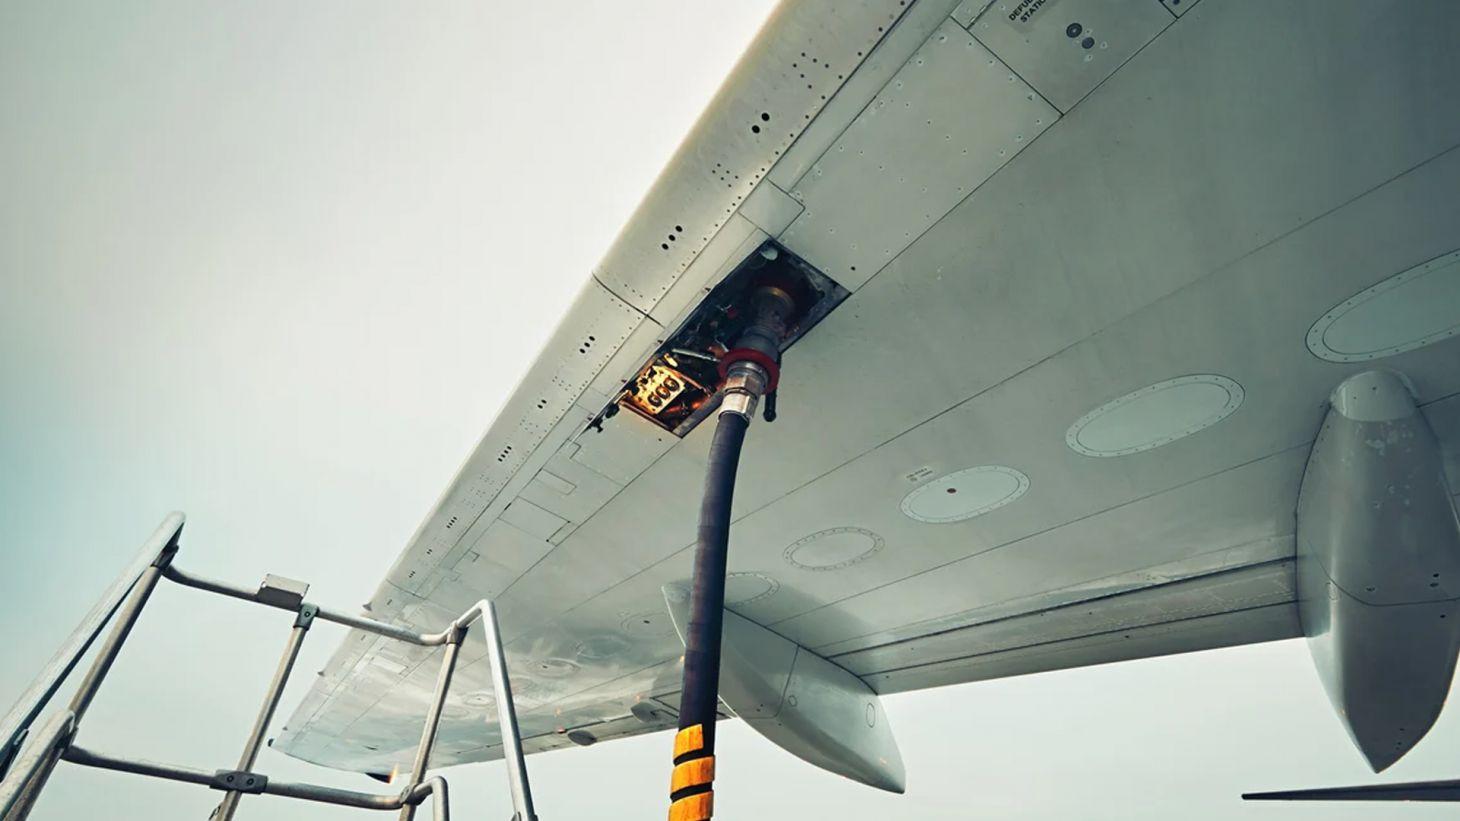 abastecendo aviao gasolina